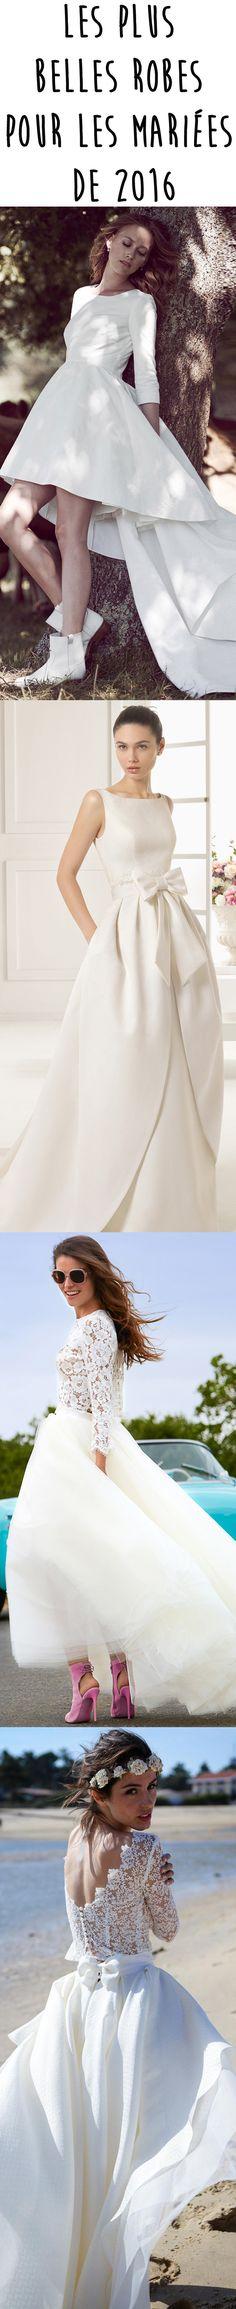 Chères mariées de 2016, voici les plus belles robes de mariée pour la saison prochaine. Trouvez la robe idéale pour un mariage de rêve.